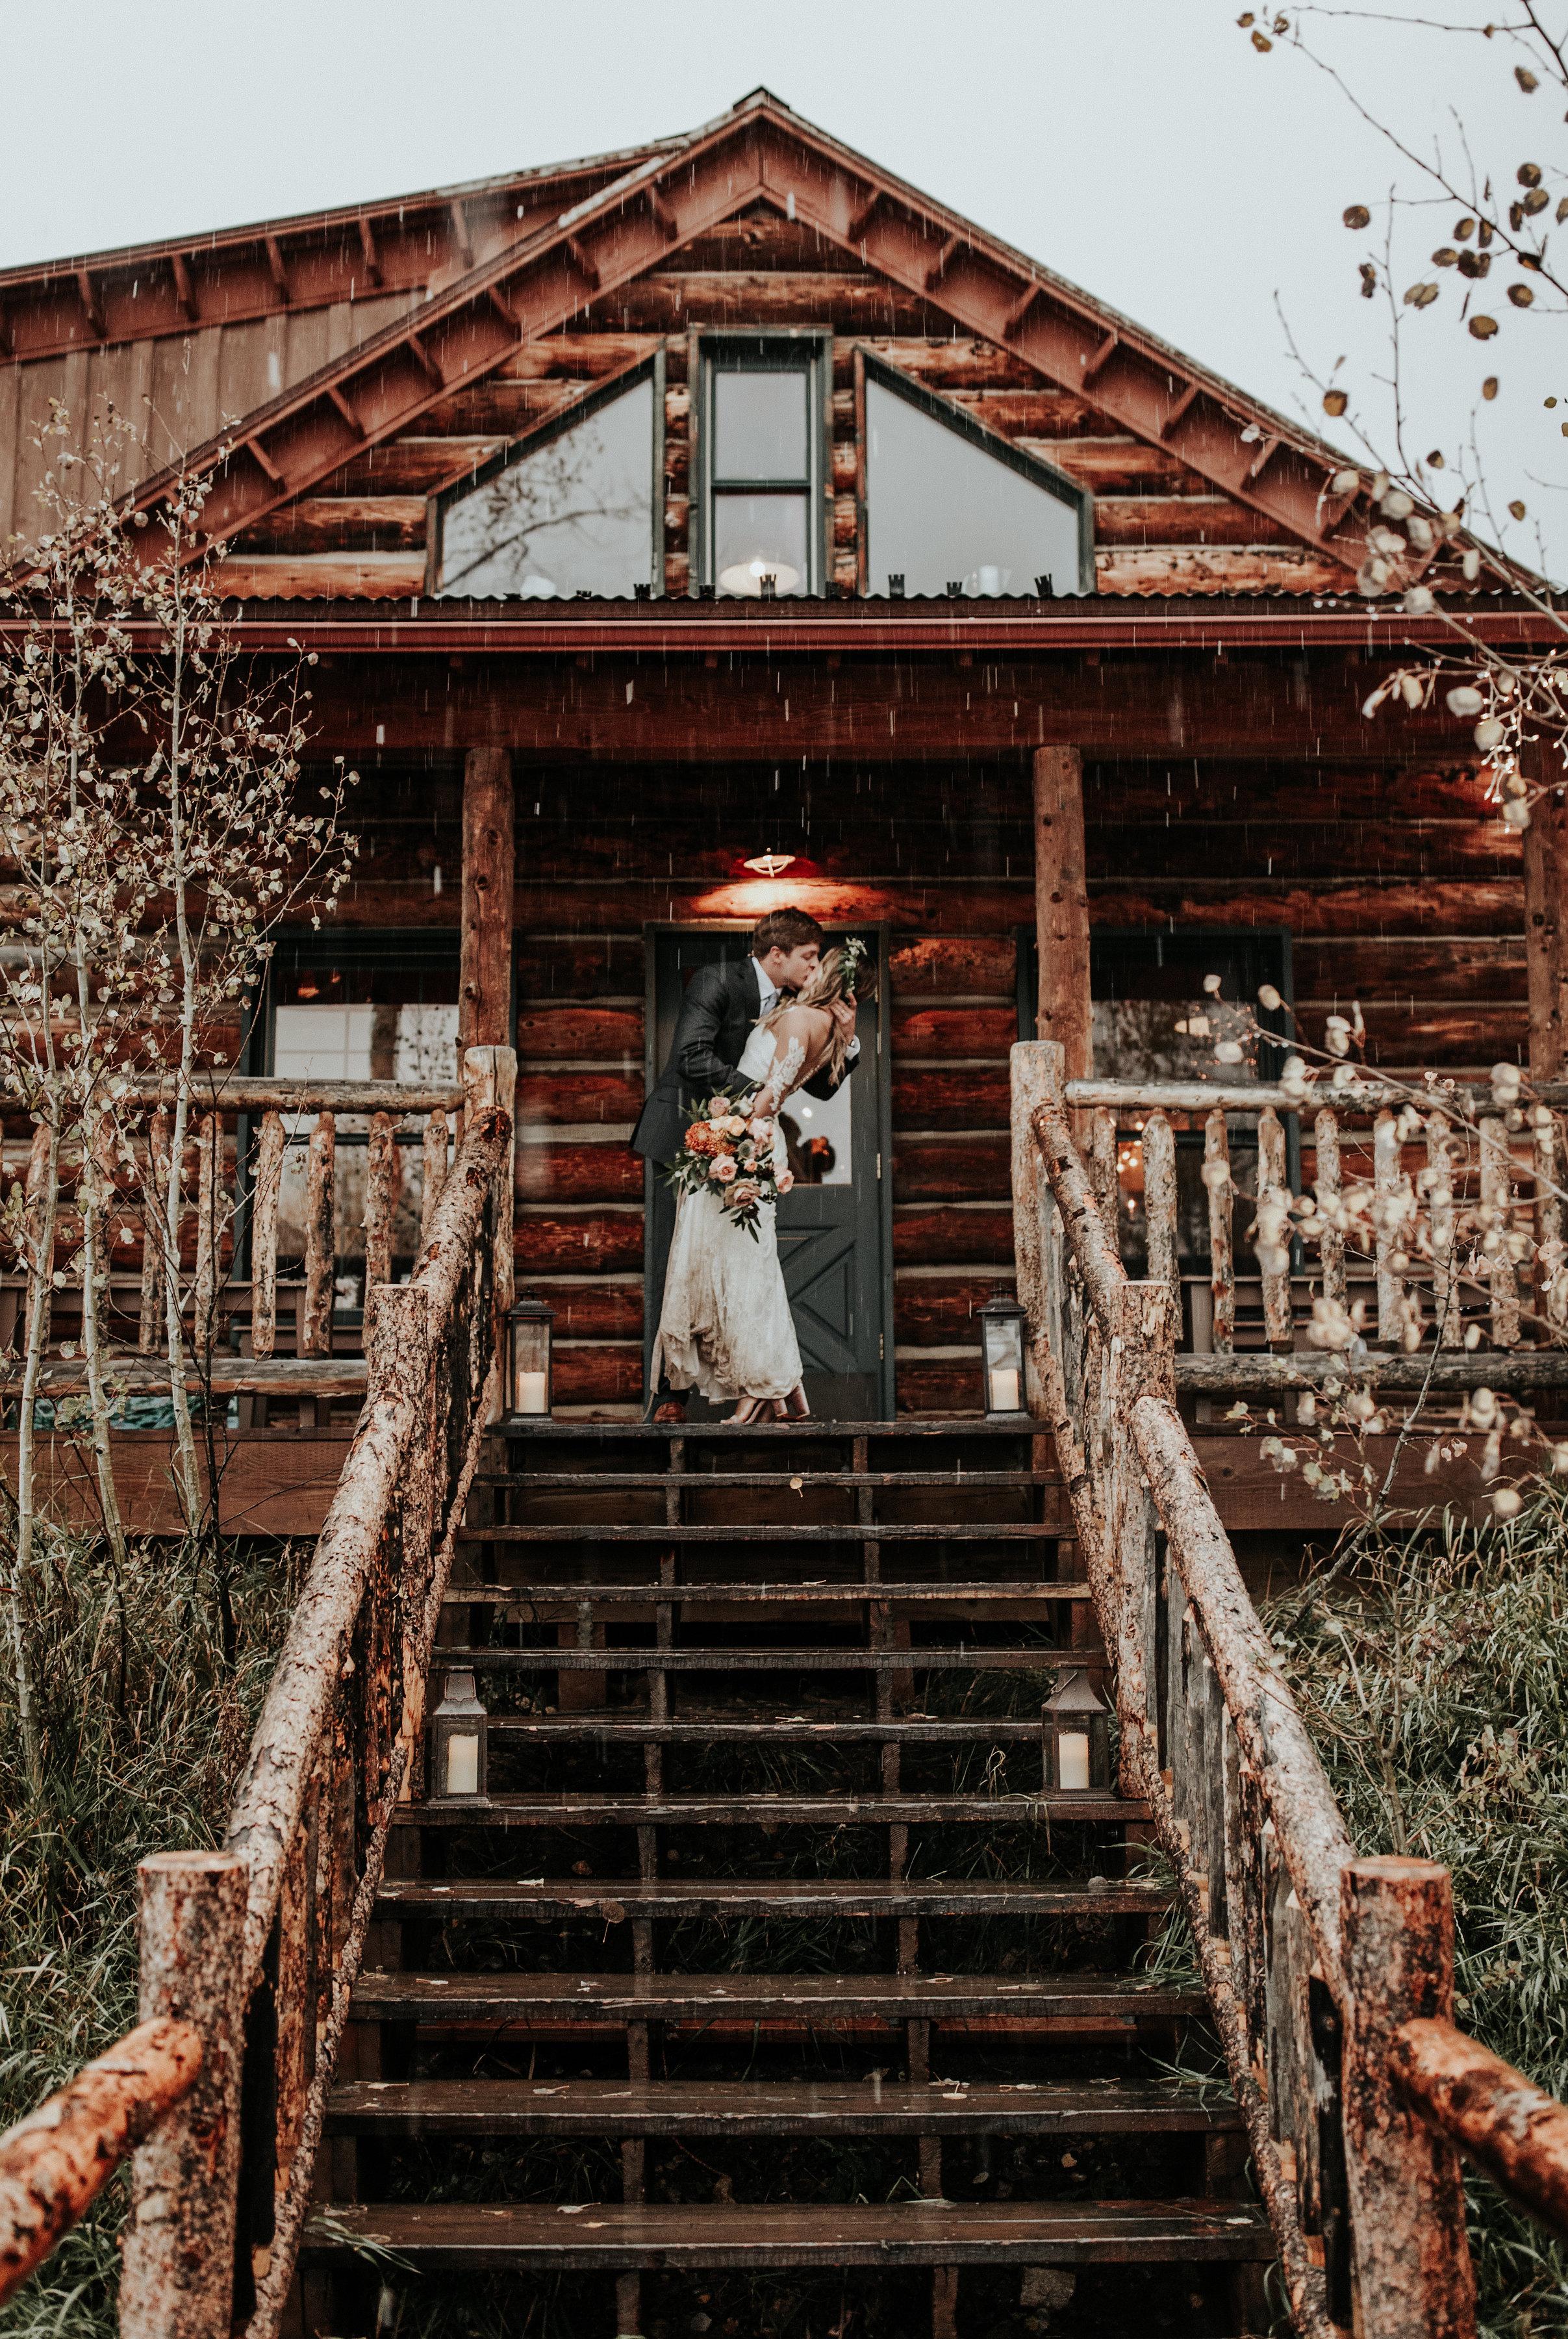 McCamyWedding-Aspen,Colorado-KarraLeighPhotography-865.jpg